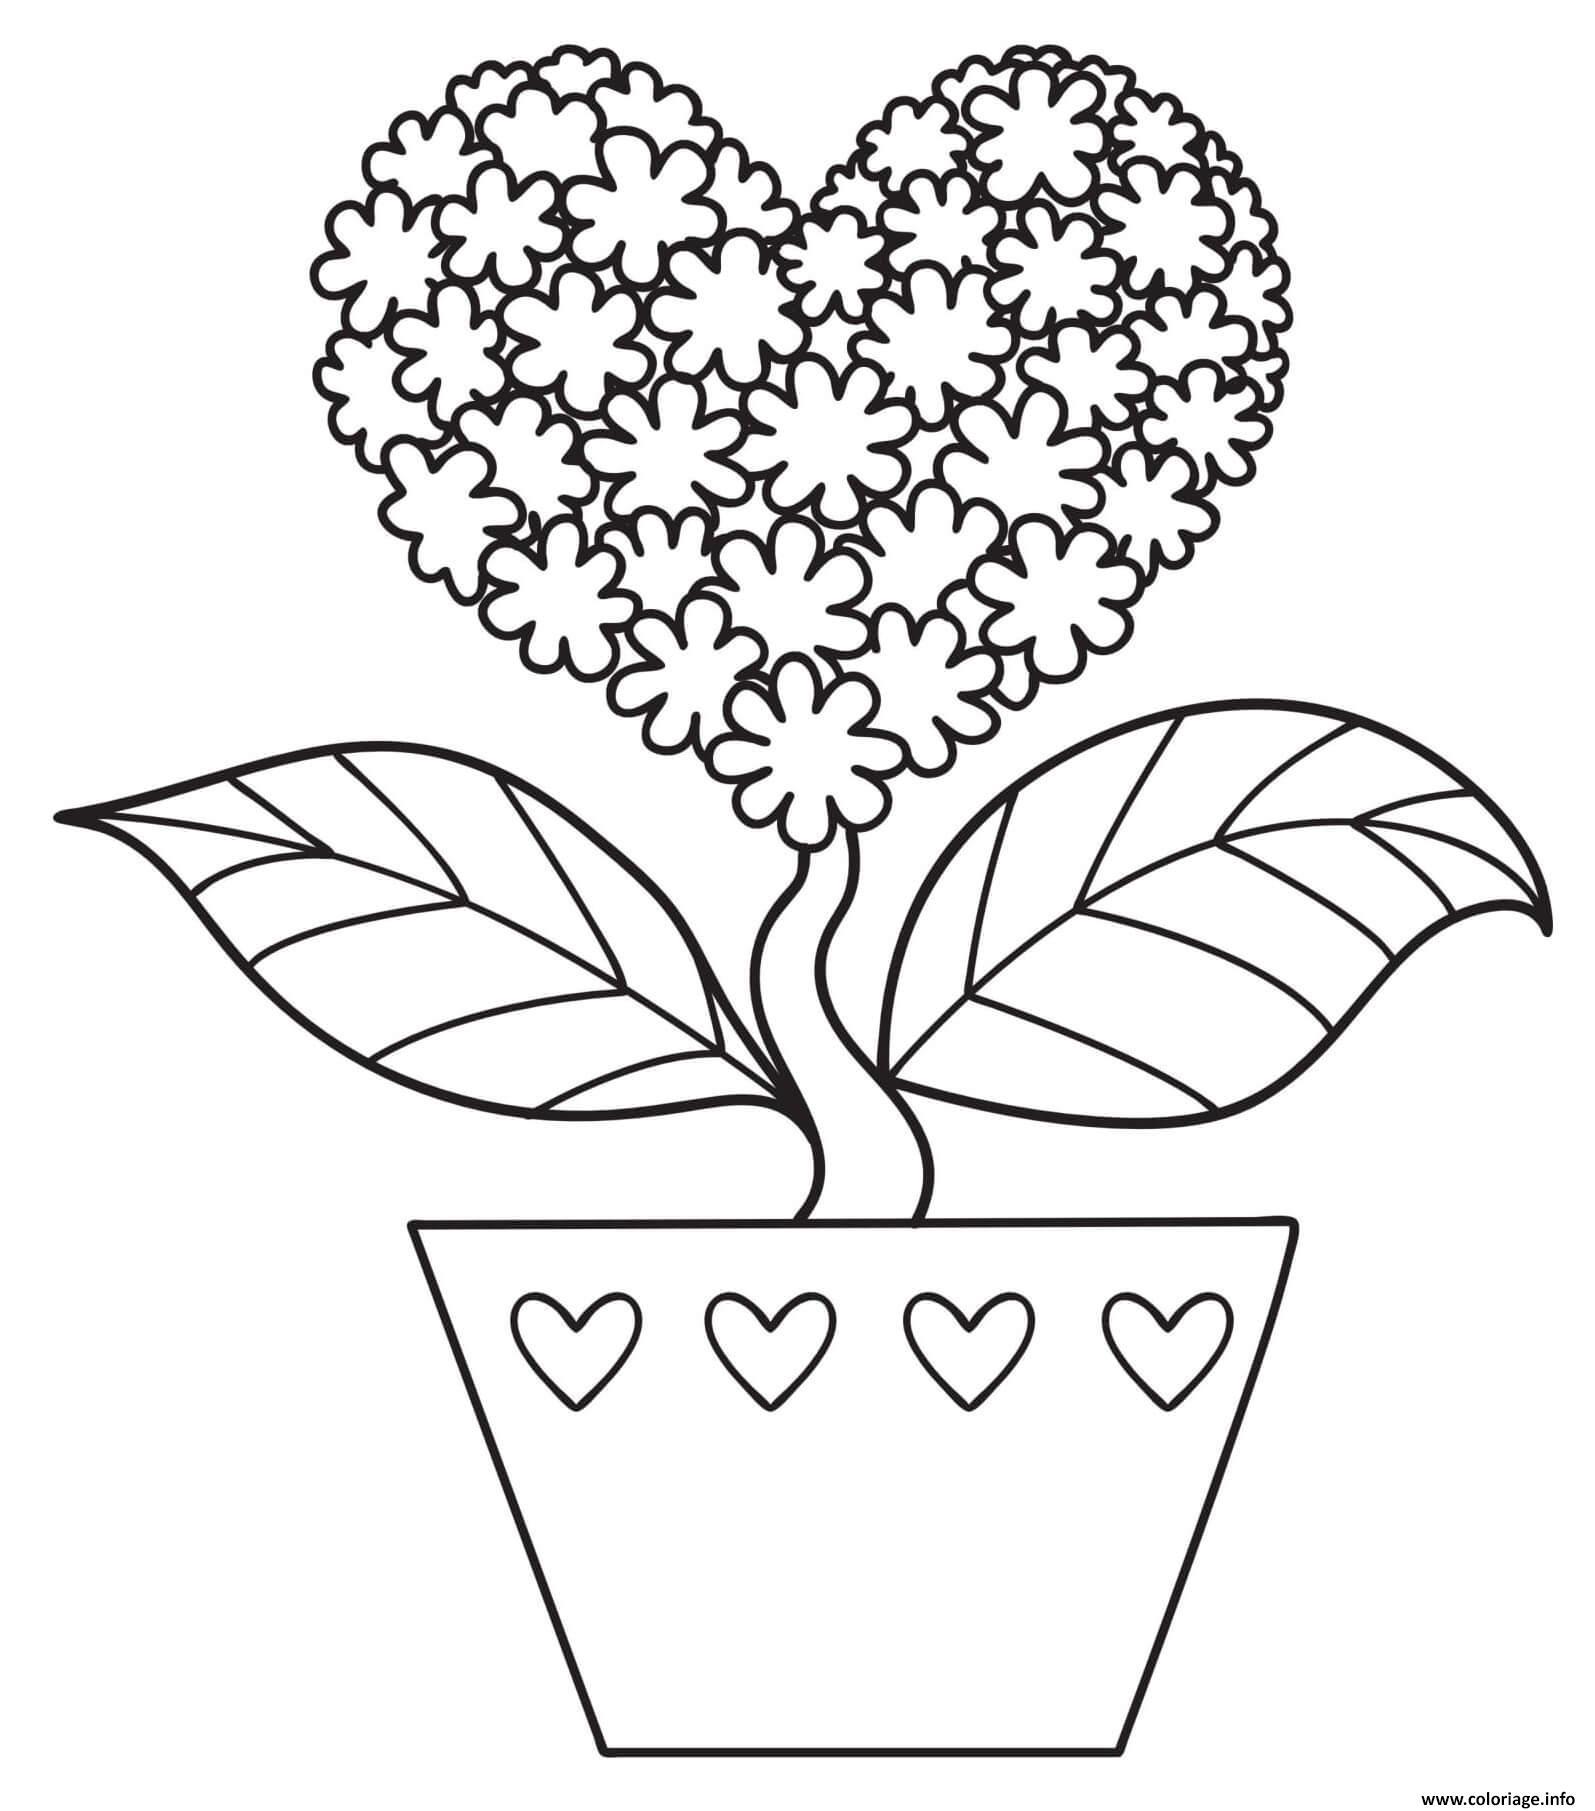 Dessin fleur en forme de coeur nature Coloriage Gratuit à Imprimer